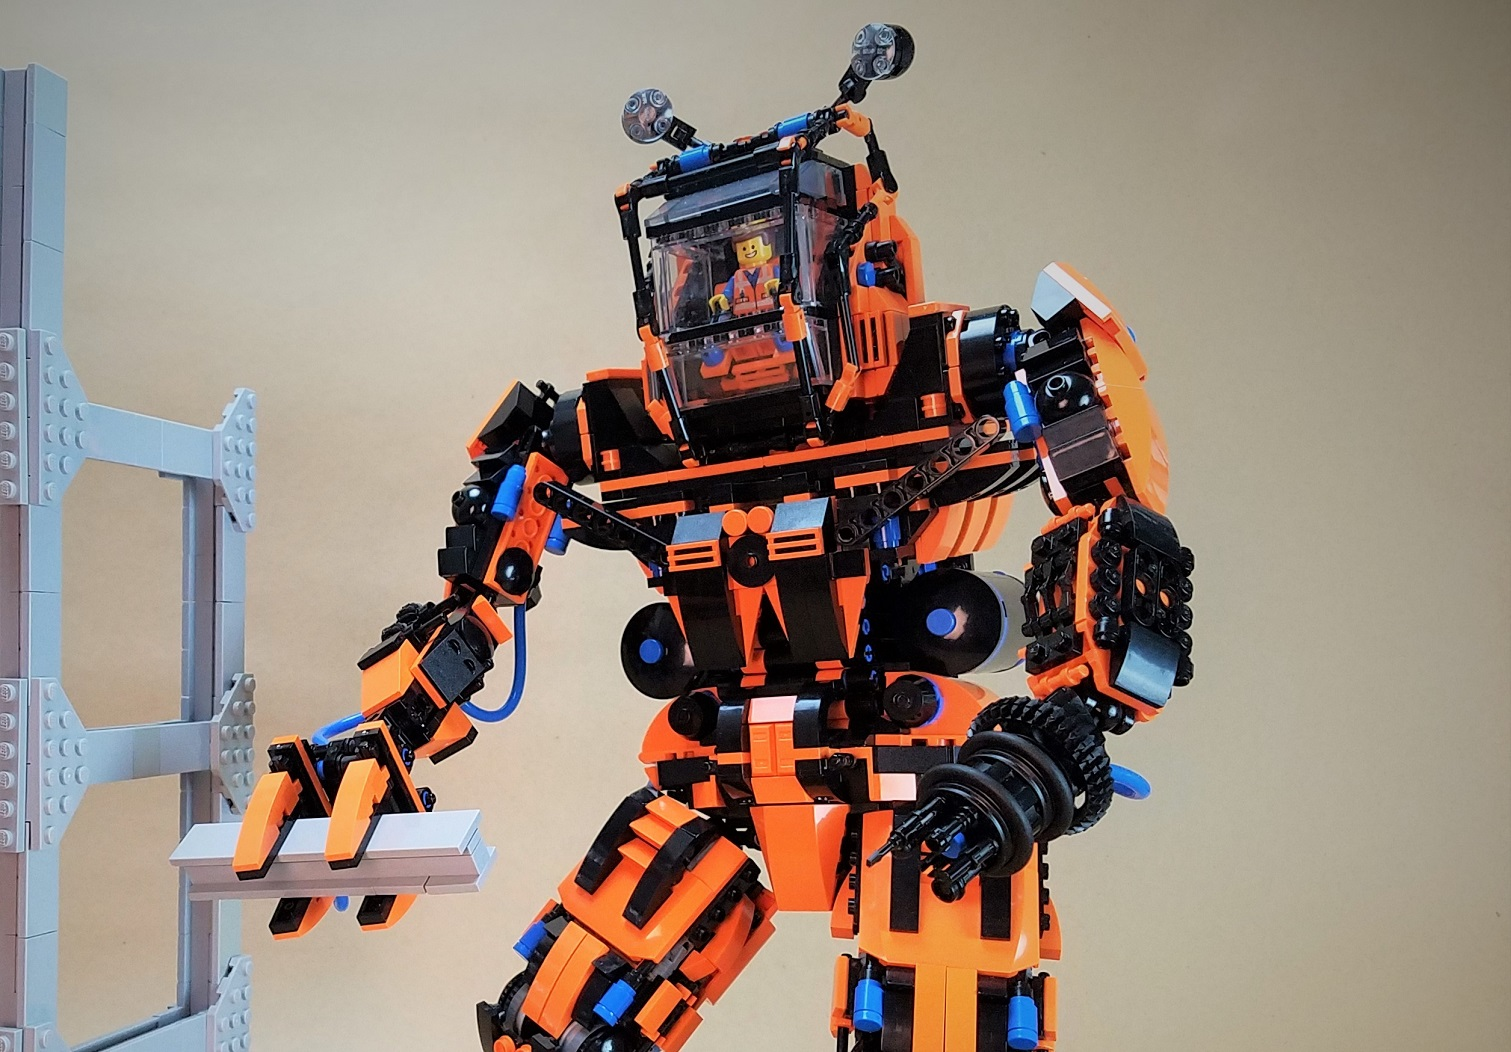 Il mecha LEGO da costruzione che sogna Emmet